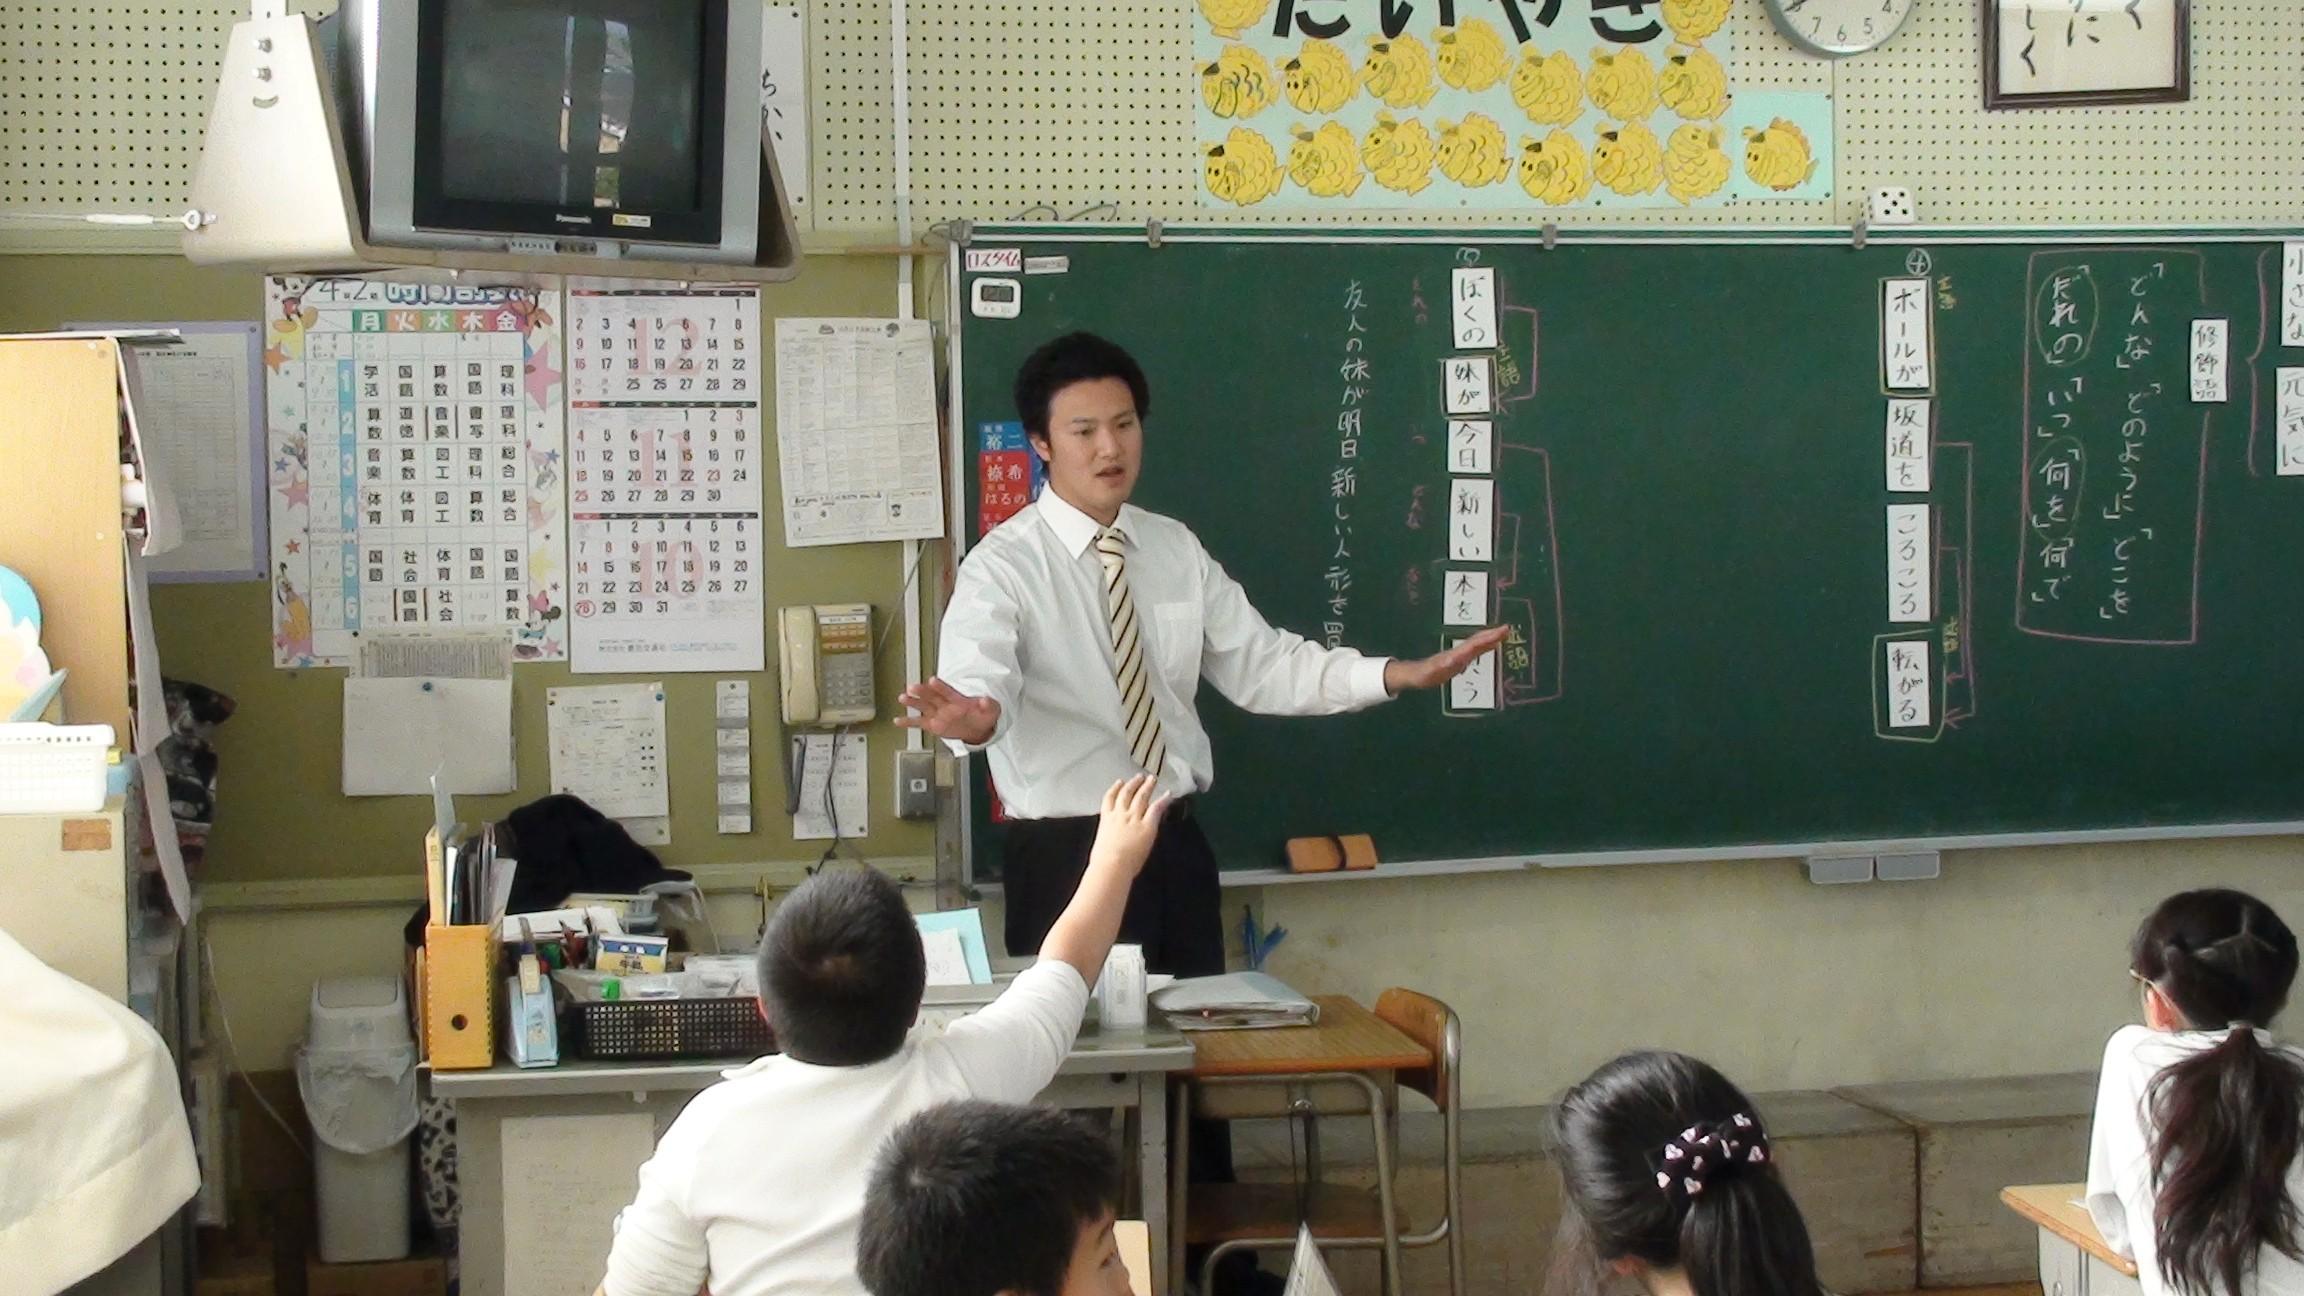 """Tất cả những giáo viên đều được gọi là """"Sensei"""" để thể hiện sự kính trọng."""